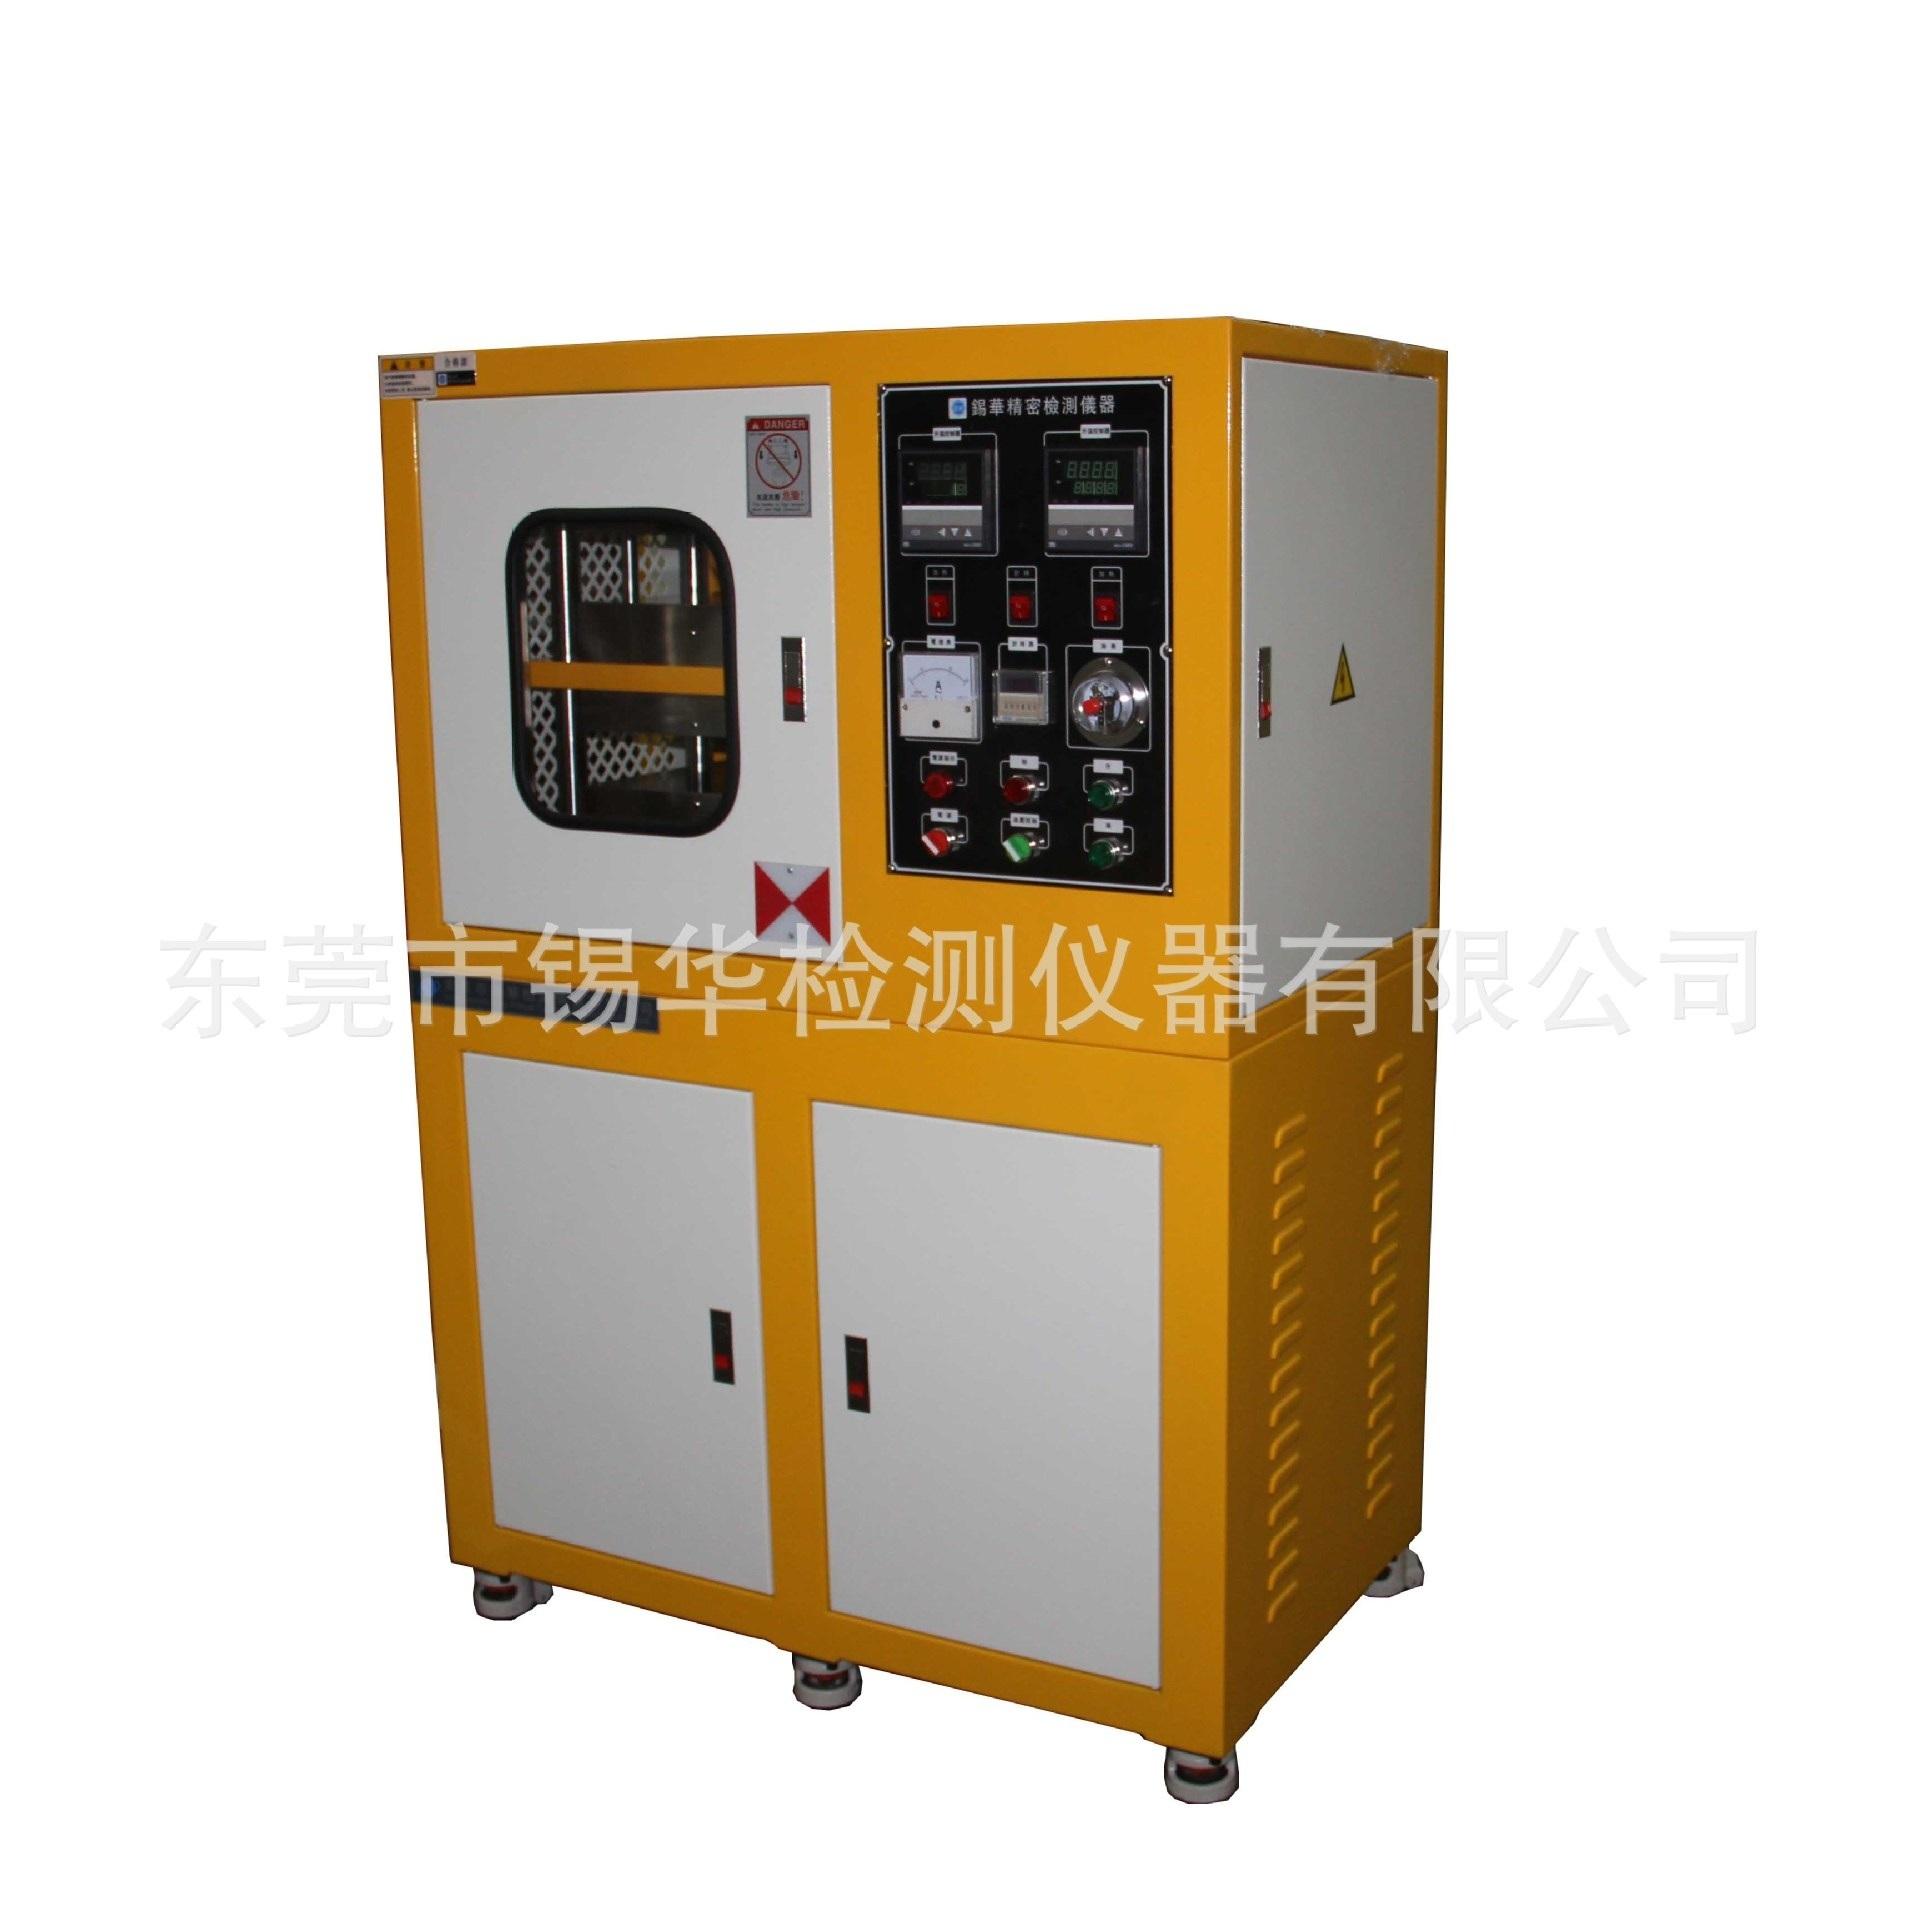 XH-406B-30-300电动加硫成型机(压片机).jpg